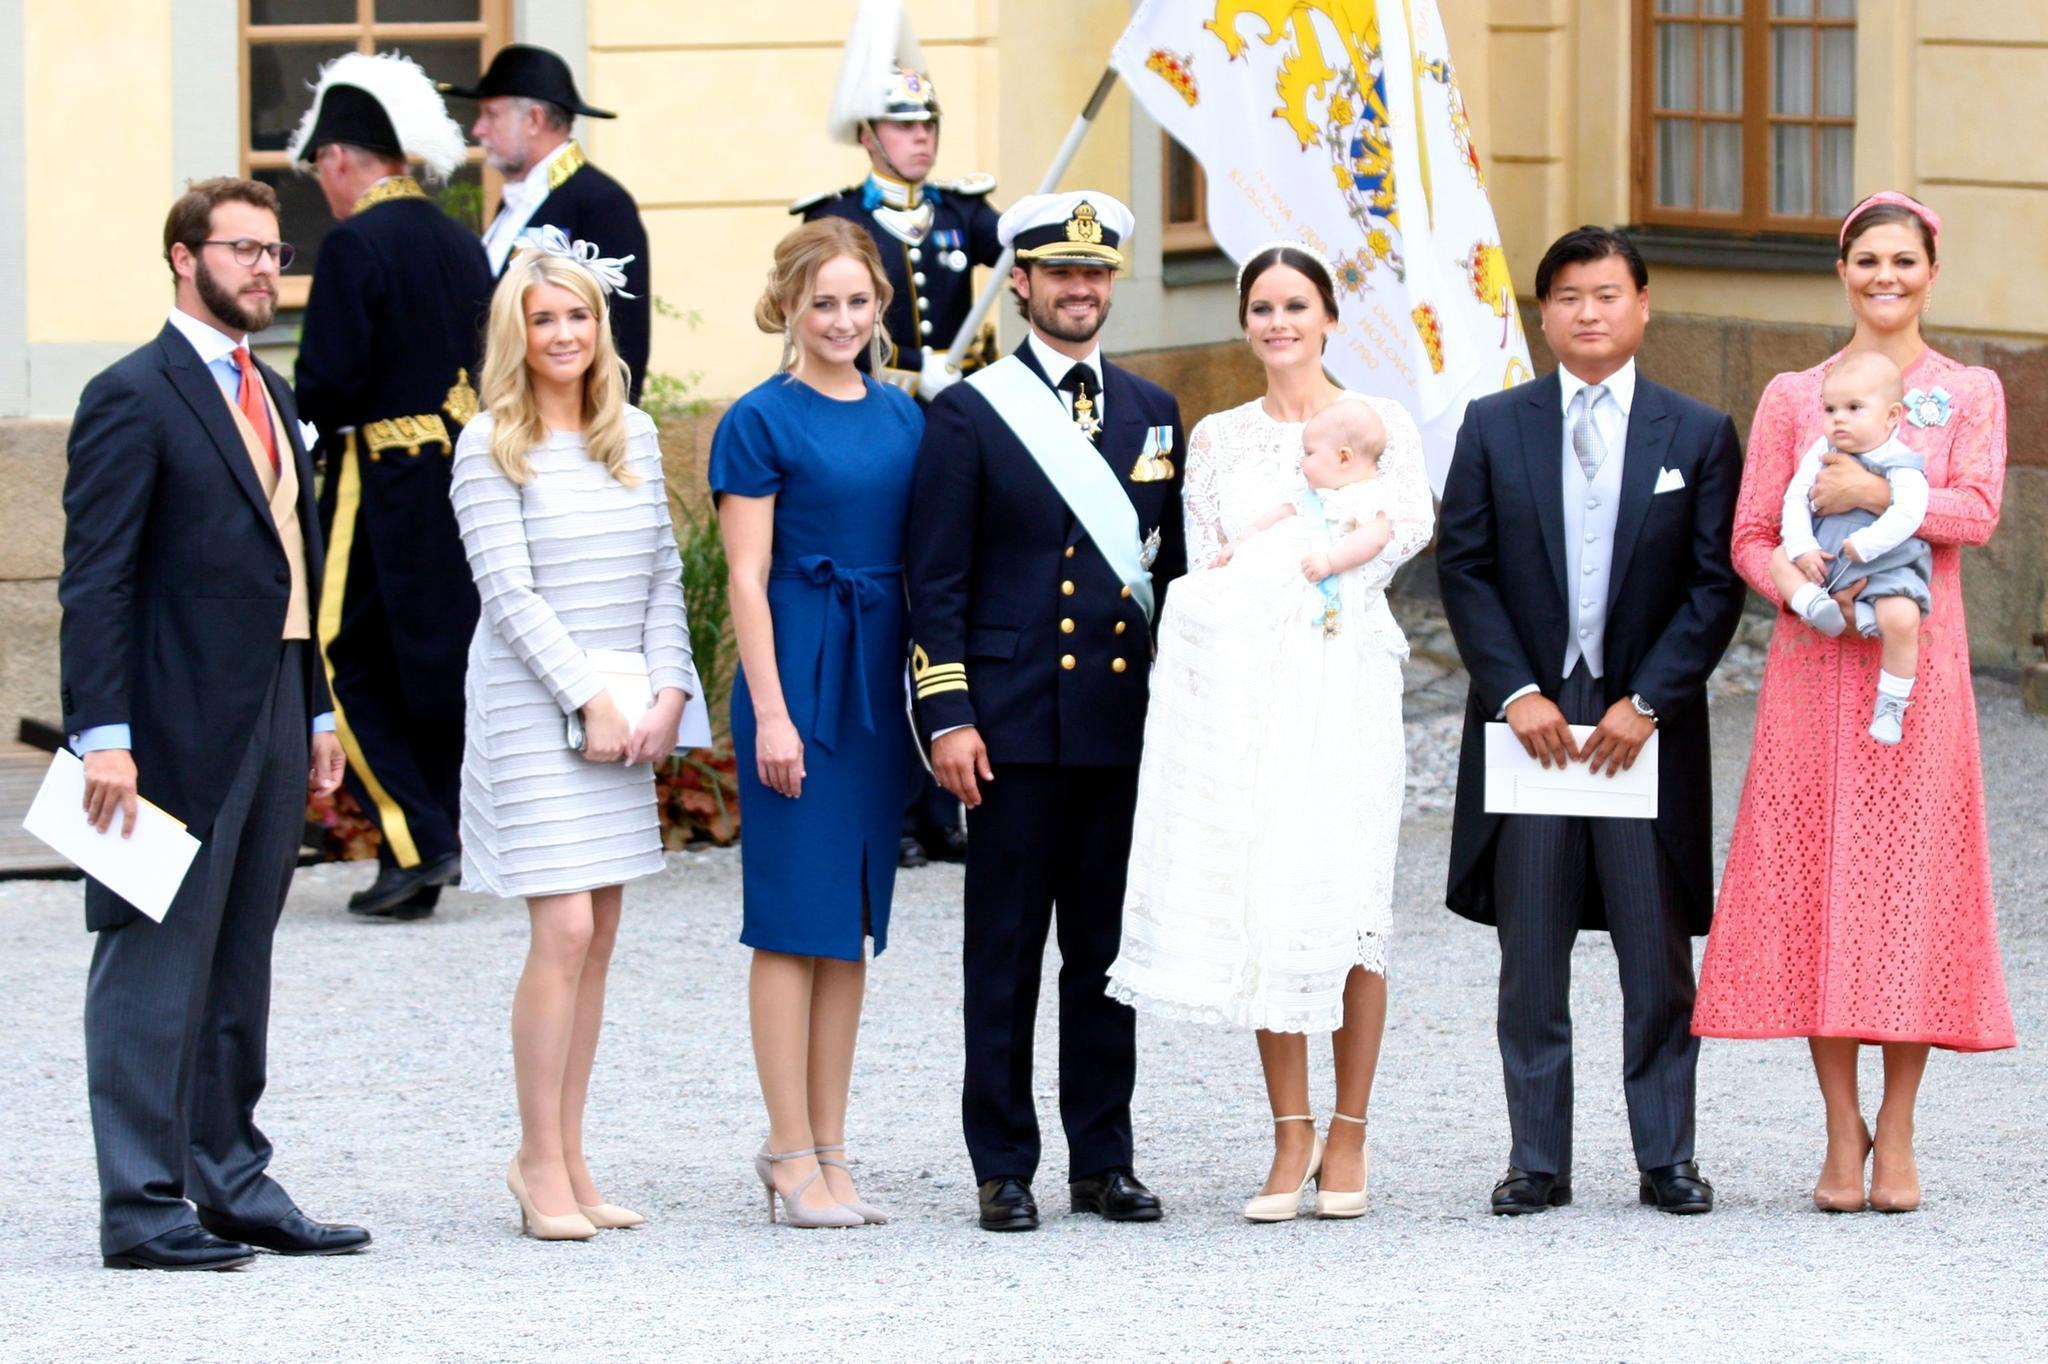 Lina ist die Taufpatin von Prinzessin Sofias großem Sohn Prinz Alexander